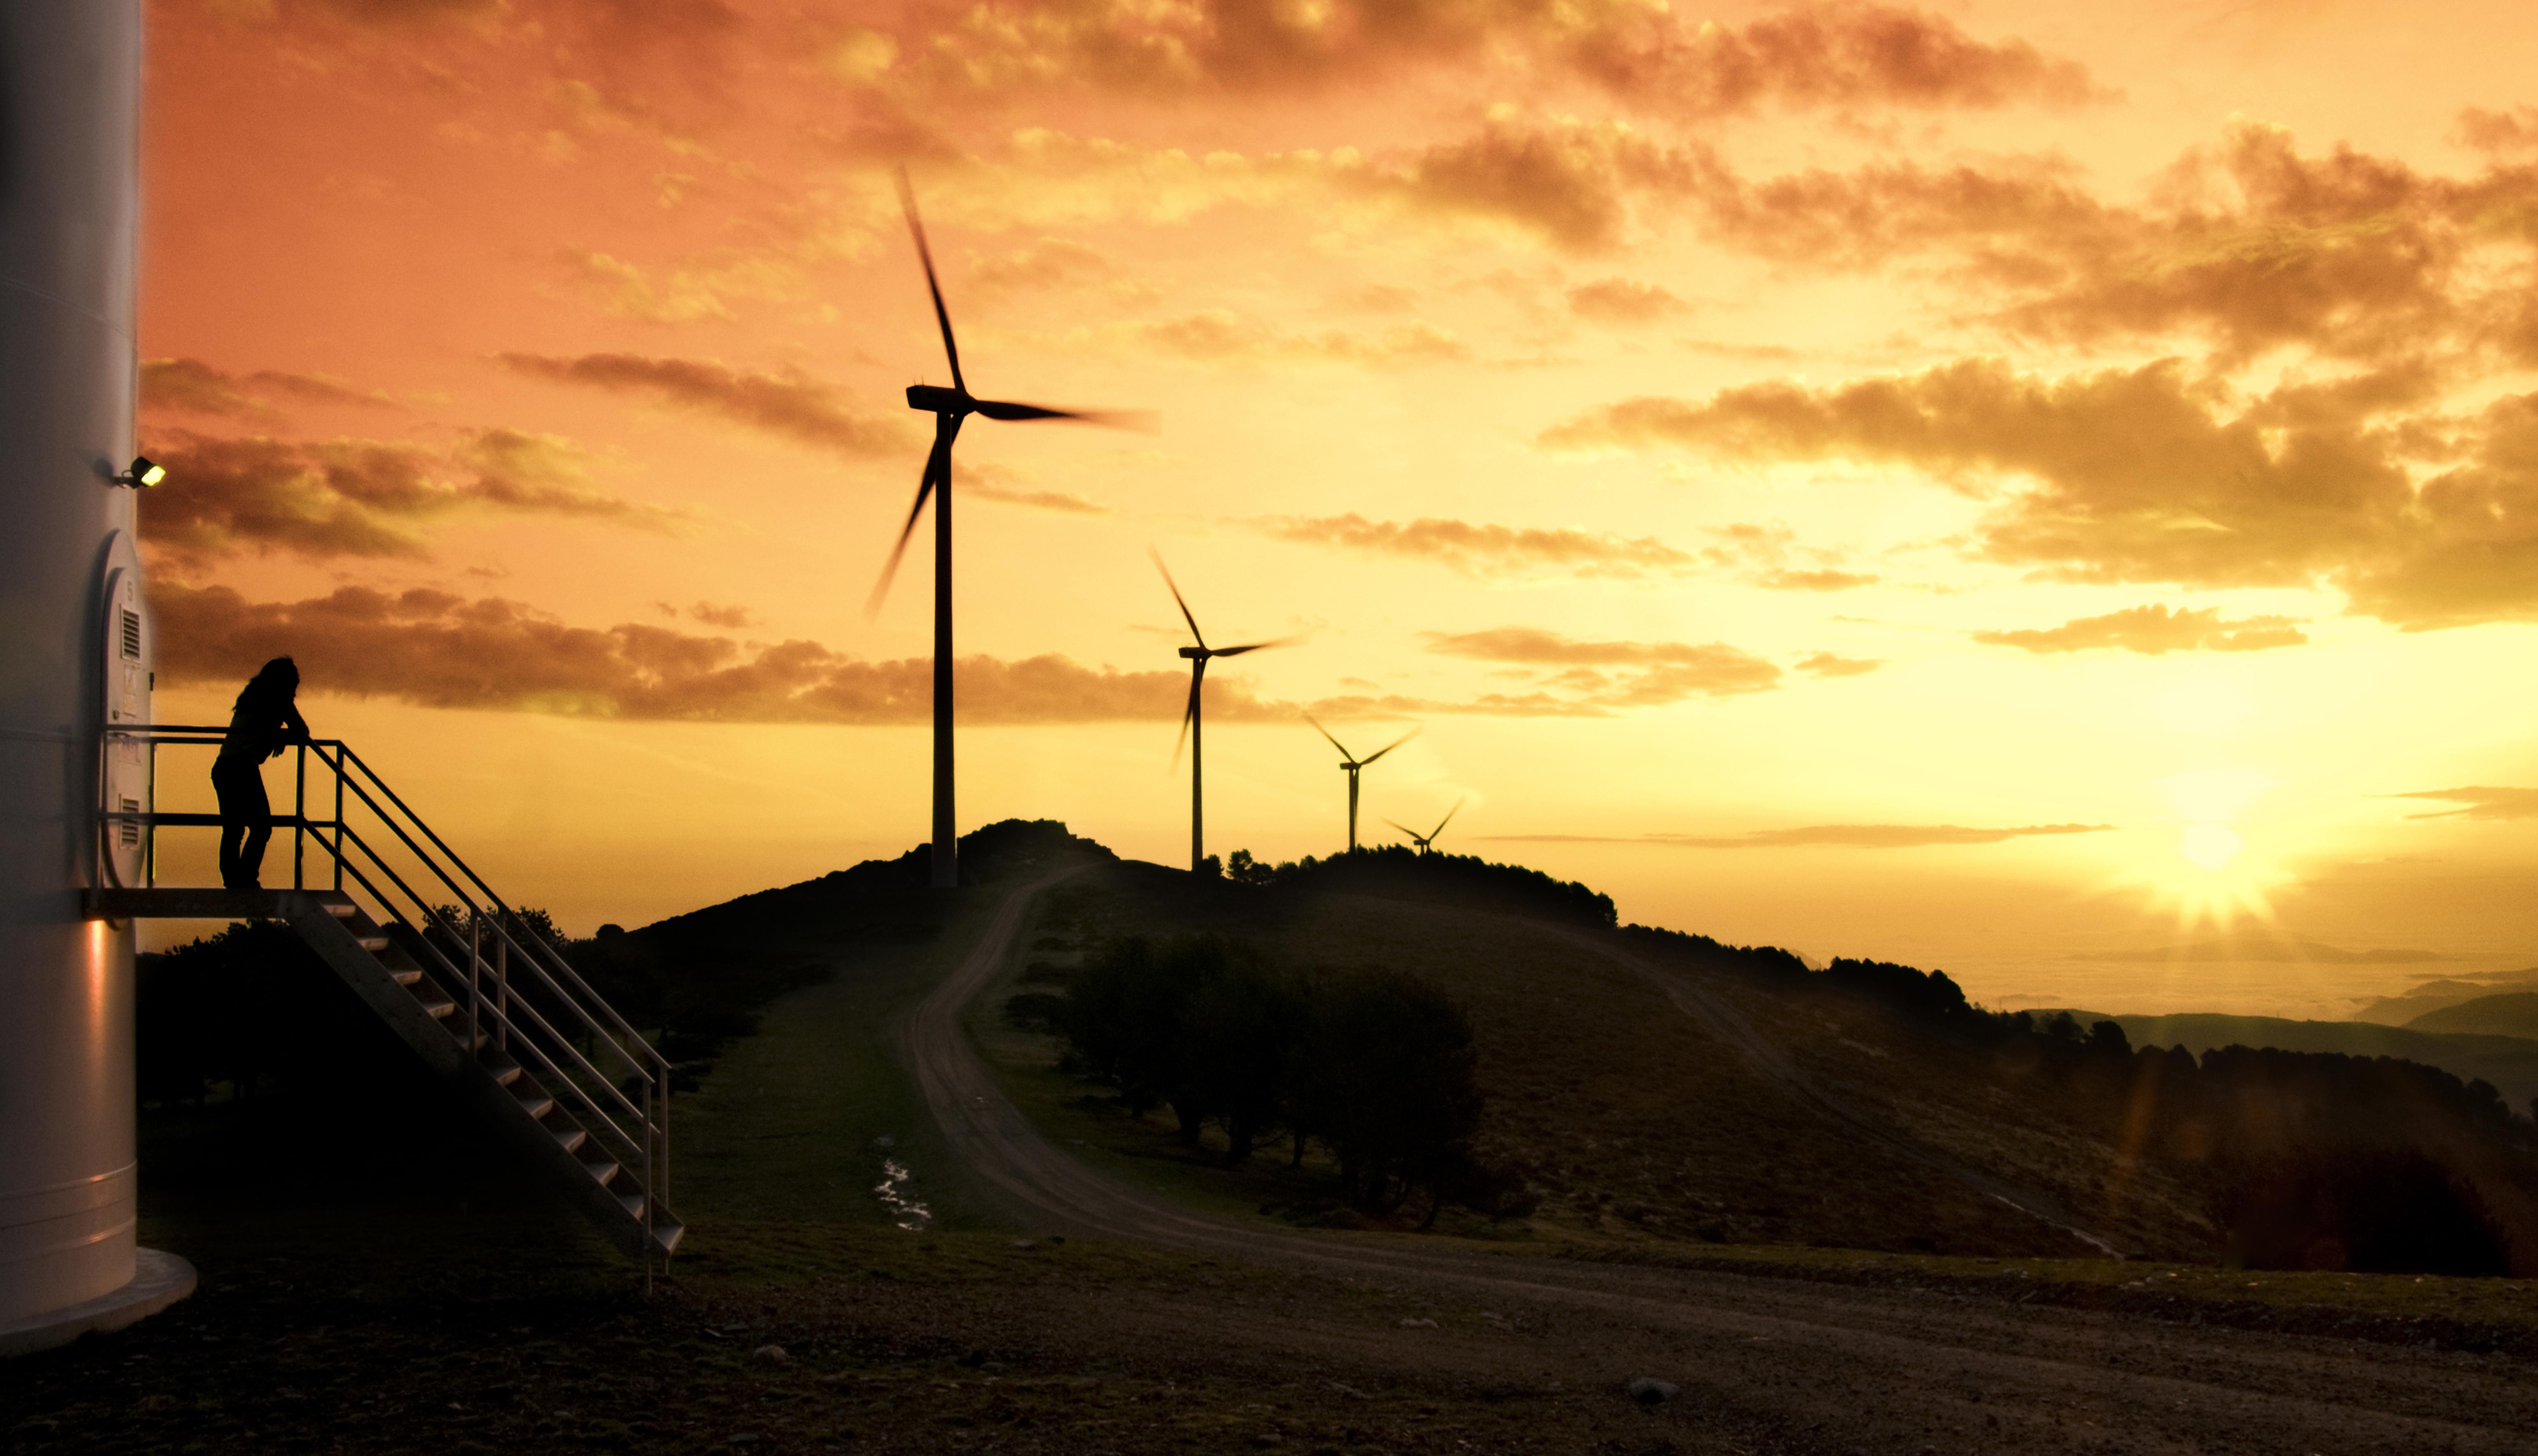 Eólica: Brotes verdes, sí, pero gracias a las energías renovables